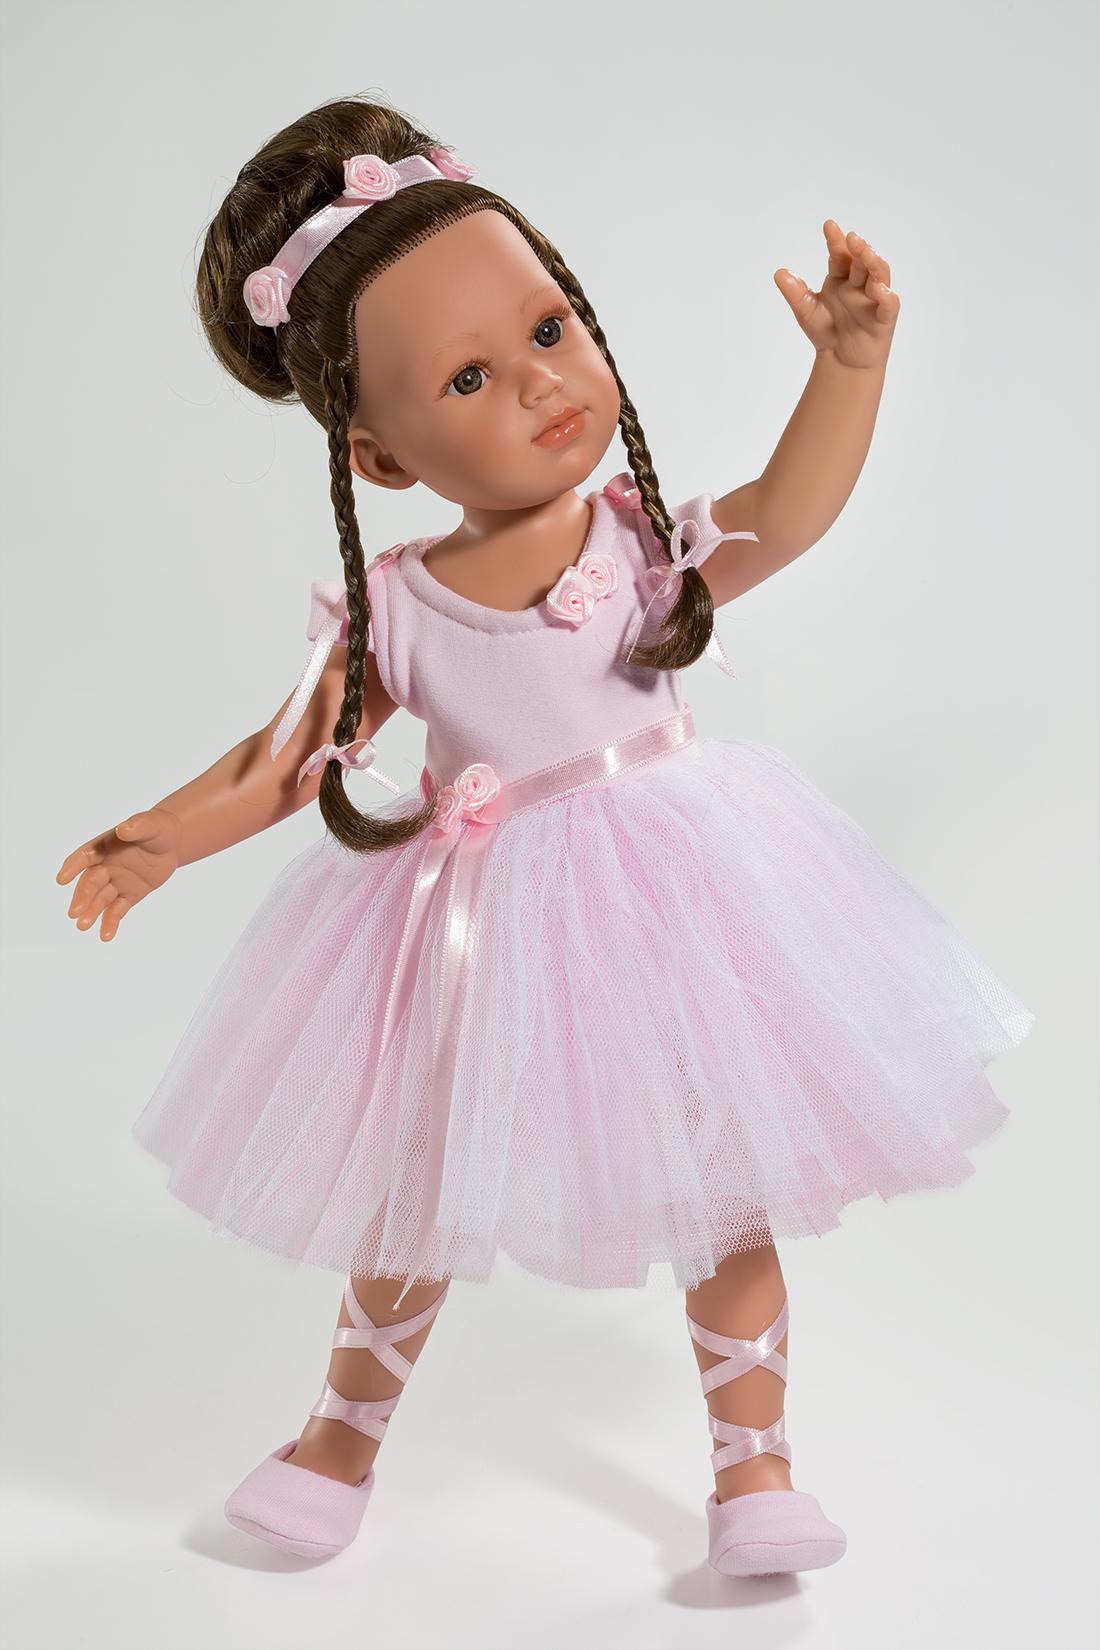 fotografía de producto profesional muñeca